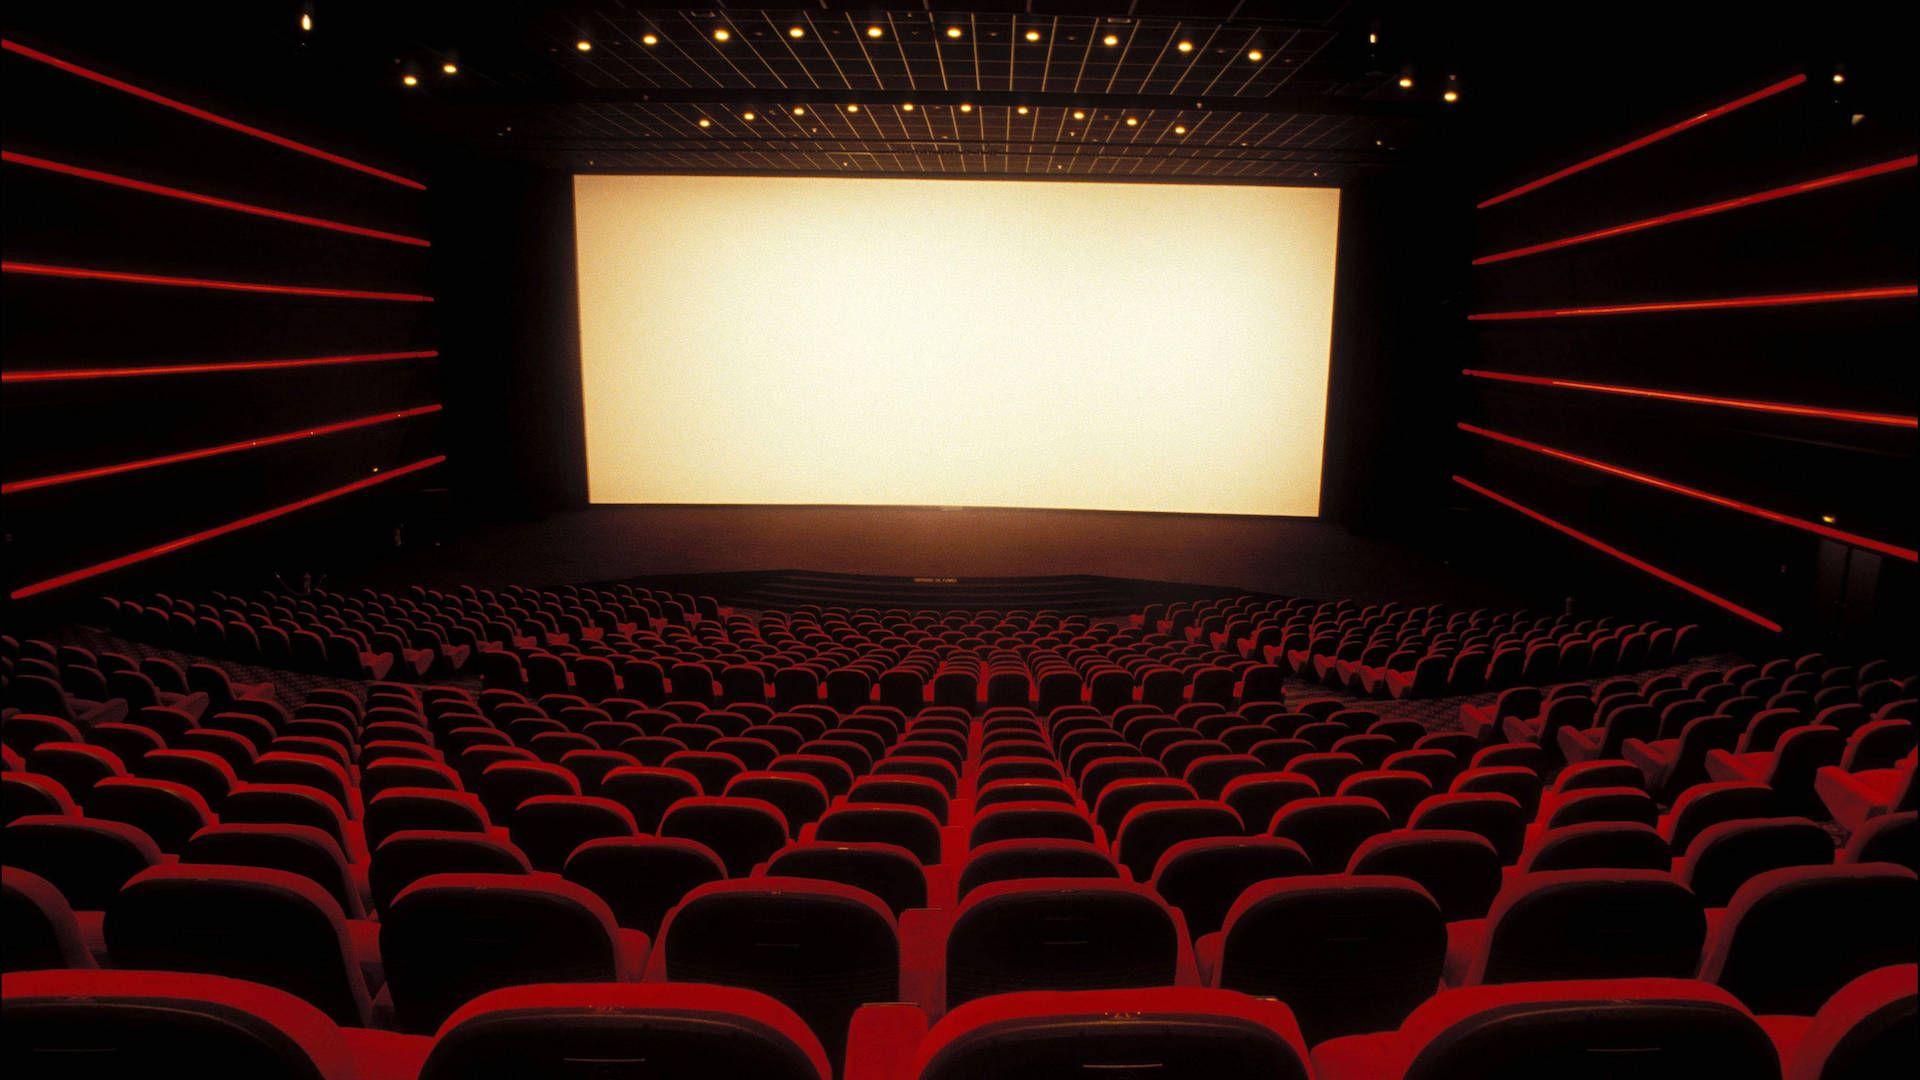 Movie Theater desktop wallpaper download